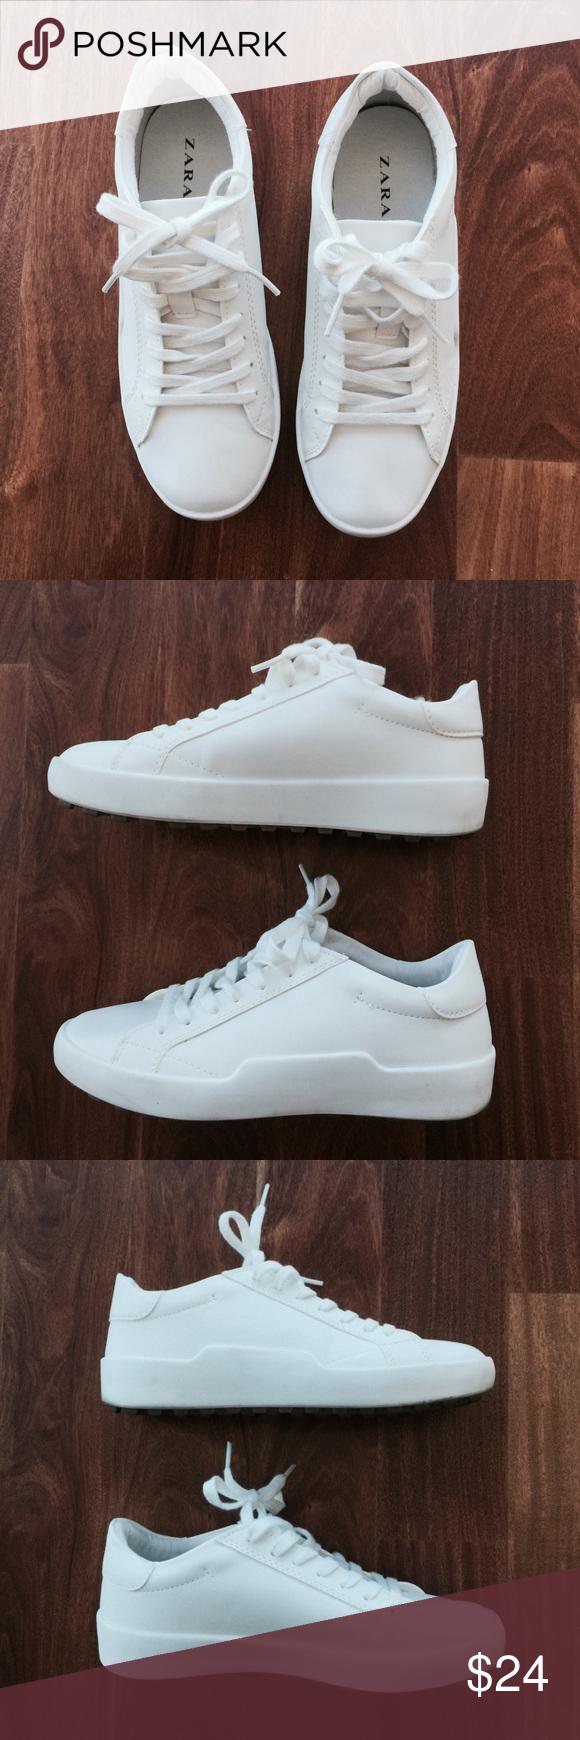 Zara TRF White Sneakers | White